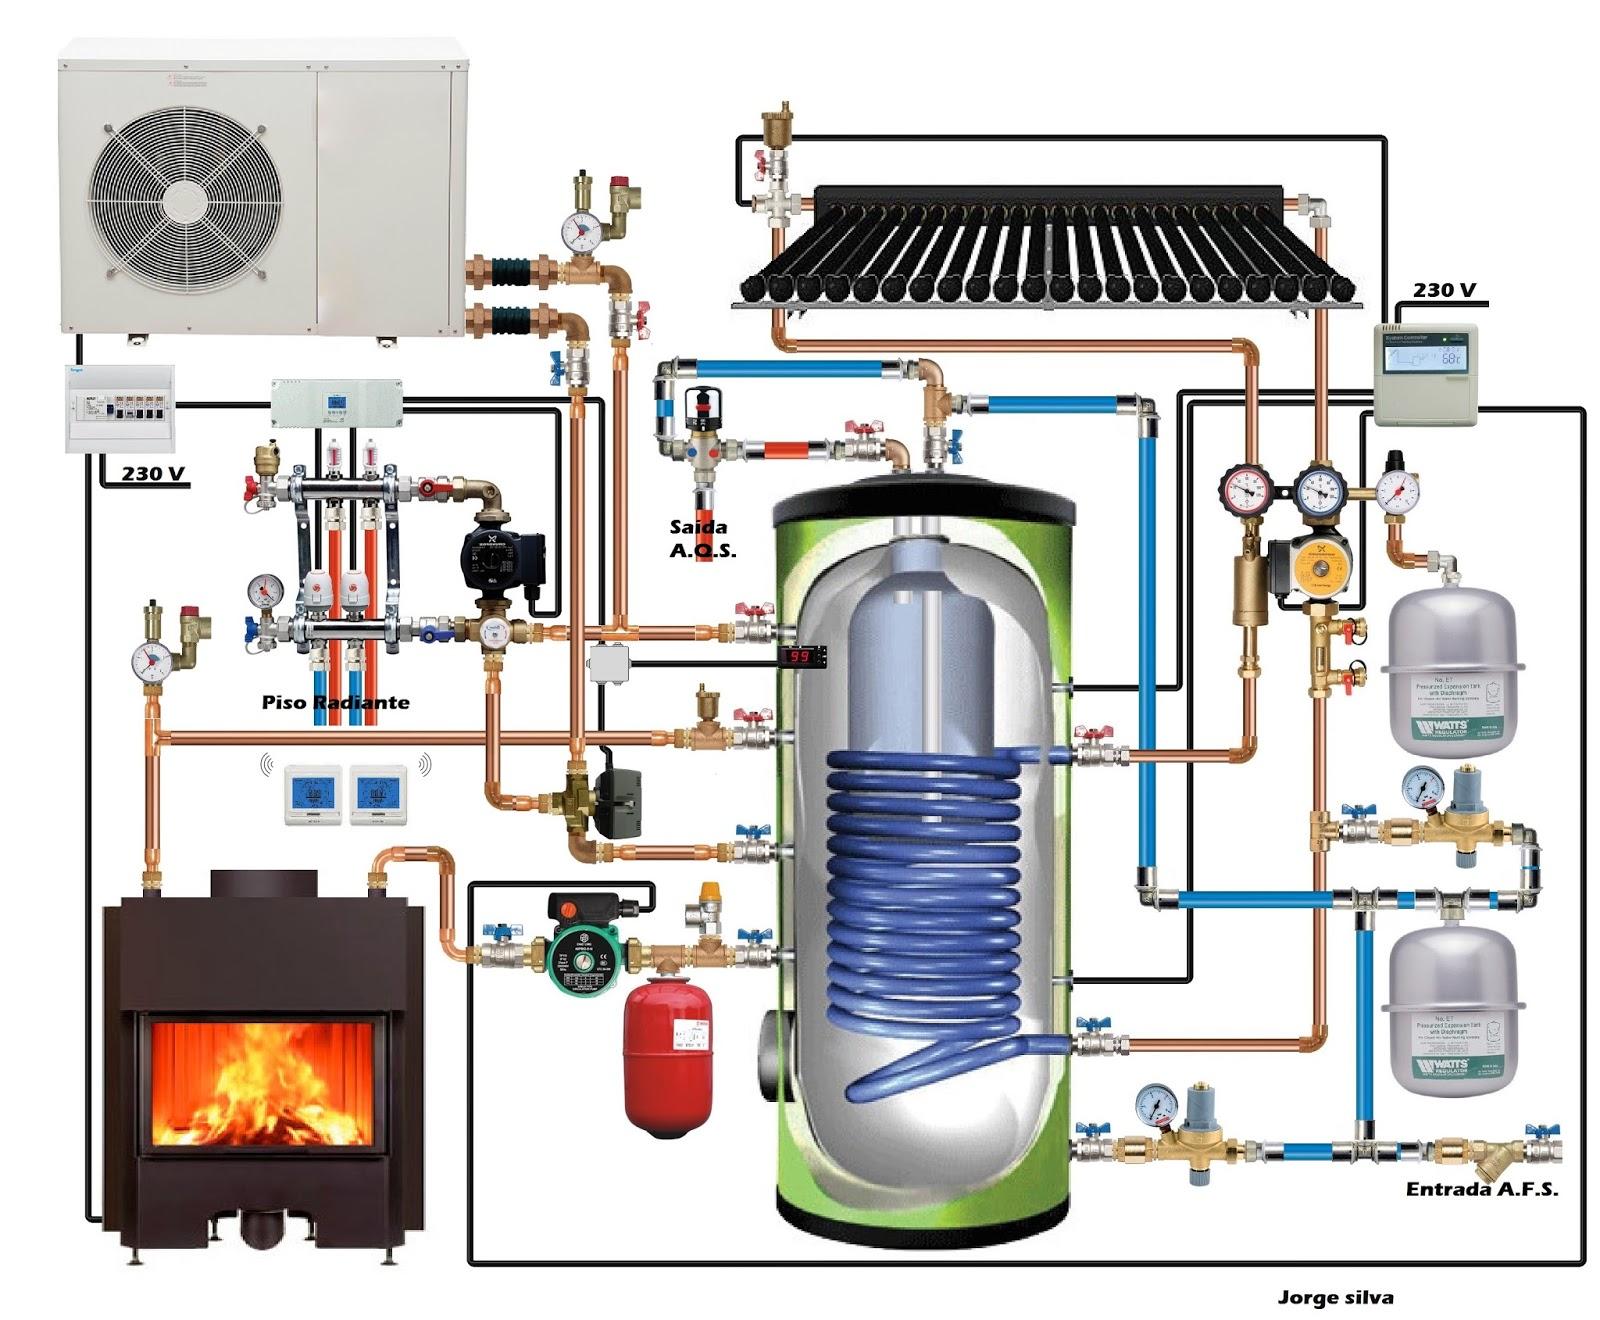 Dicas esquemas esquema de principio de funcionamento - Bomba de calor ...